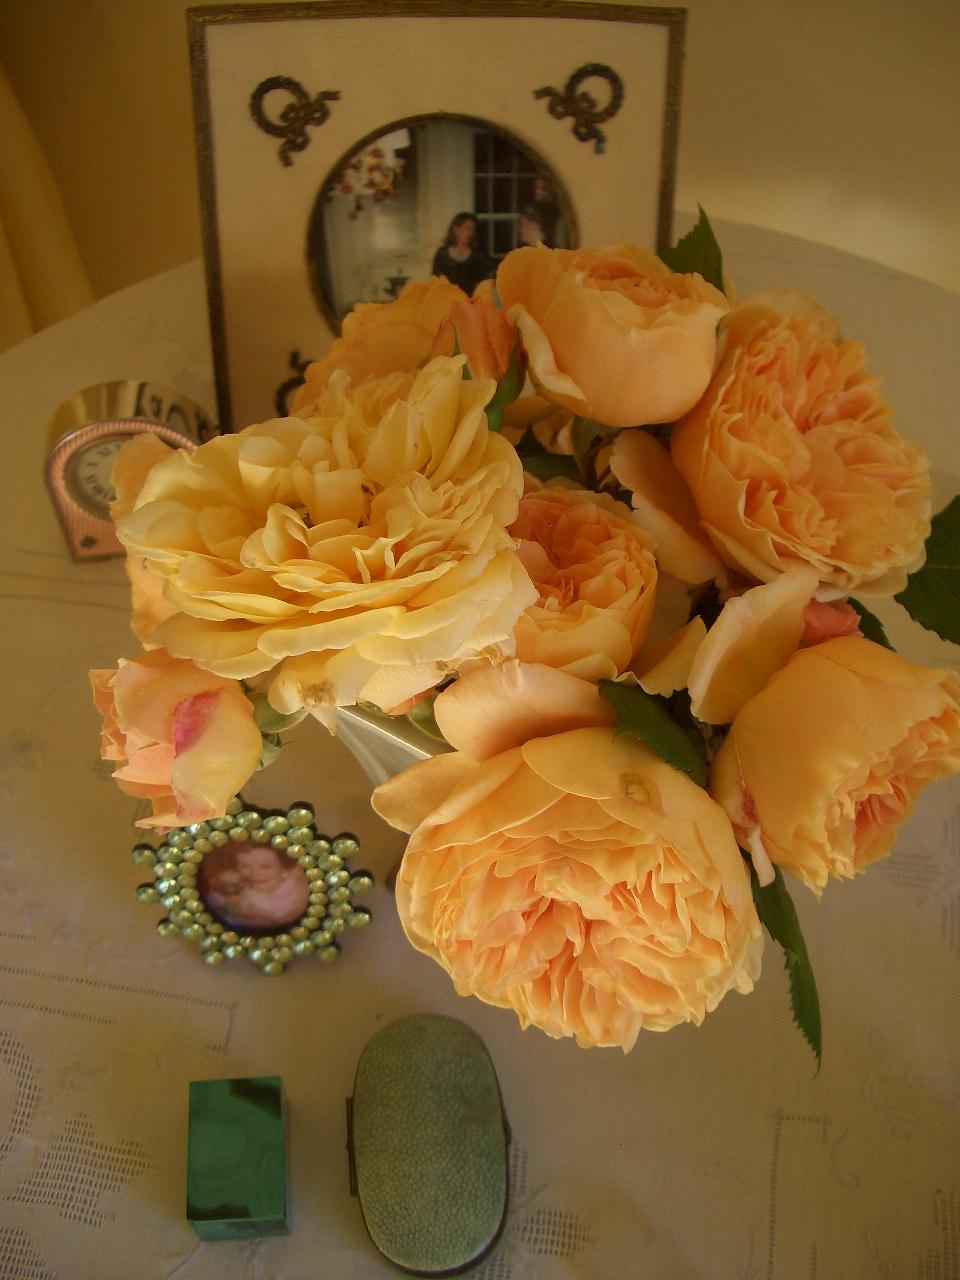 Bedside table. Image via Bettie Bearden Pardee